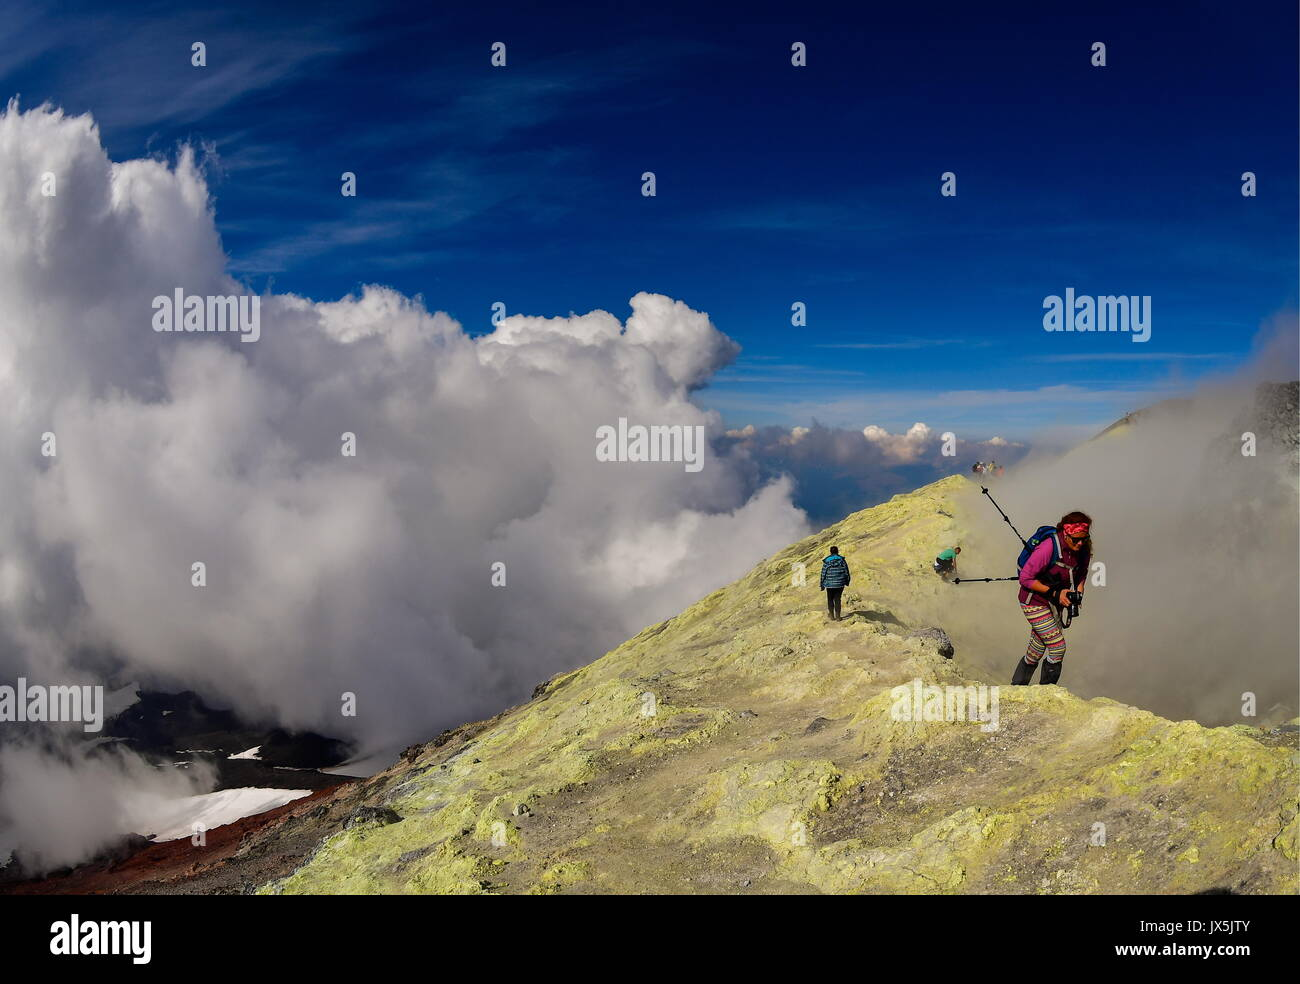 Territorio de Kamchatka (Rusia). 12 Aug, 2017. Los turistas en el cráter de Avachinsky activos Estratovolcán. Crédito: Foto de stock